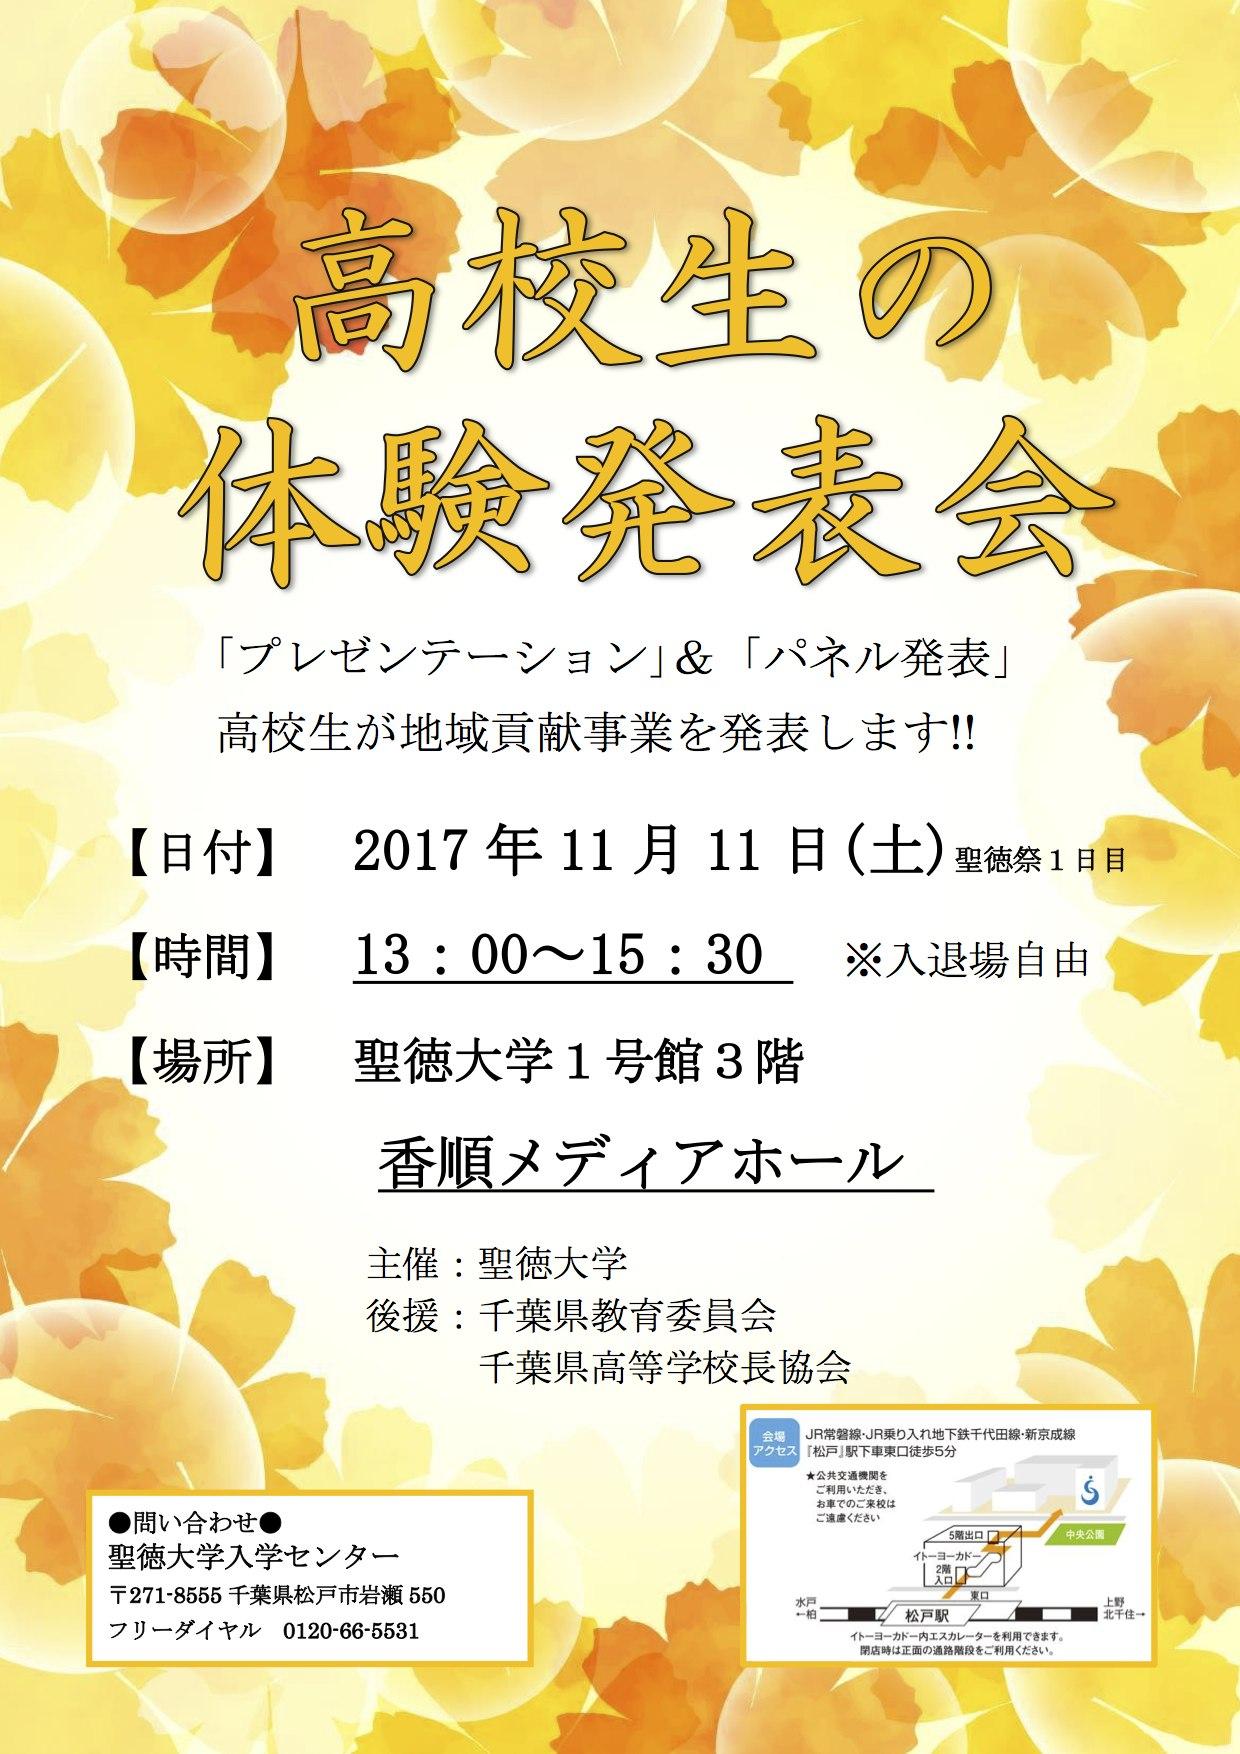 進む教育連携 千葉県高等学校PTA連合会・高校生の体験発表会のお知らせ